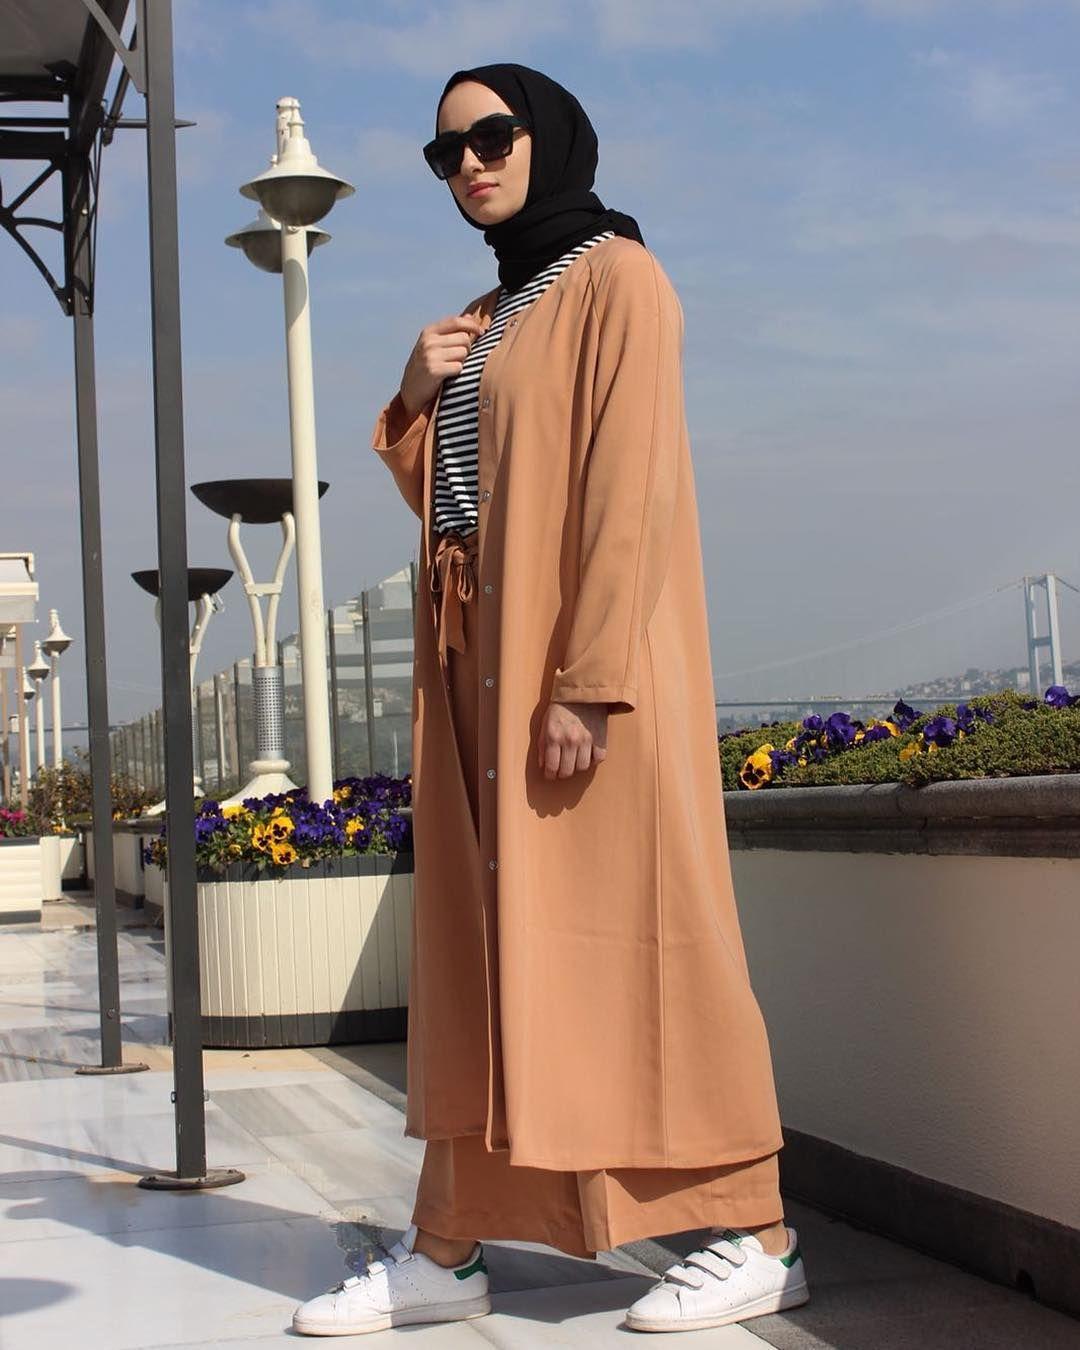 Tam Da Bu Havalarin Efil Efil Takimi Reglan Kol Takimm Seni Bekliyor Taba Takim 200 Kap 120 Cm Pant 93 Cm Pol Hijab Fashion Muslim Fashion Fashion